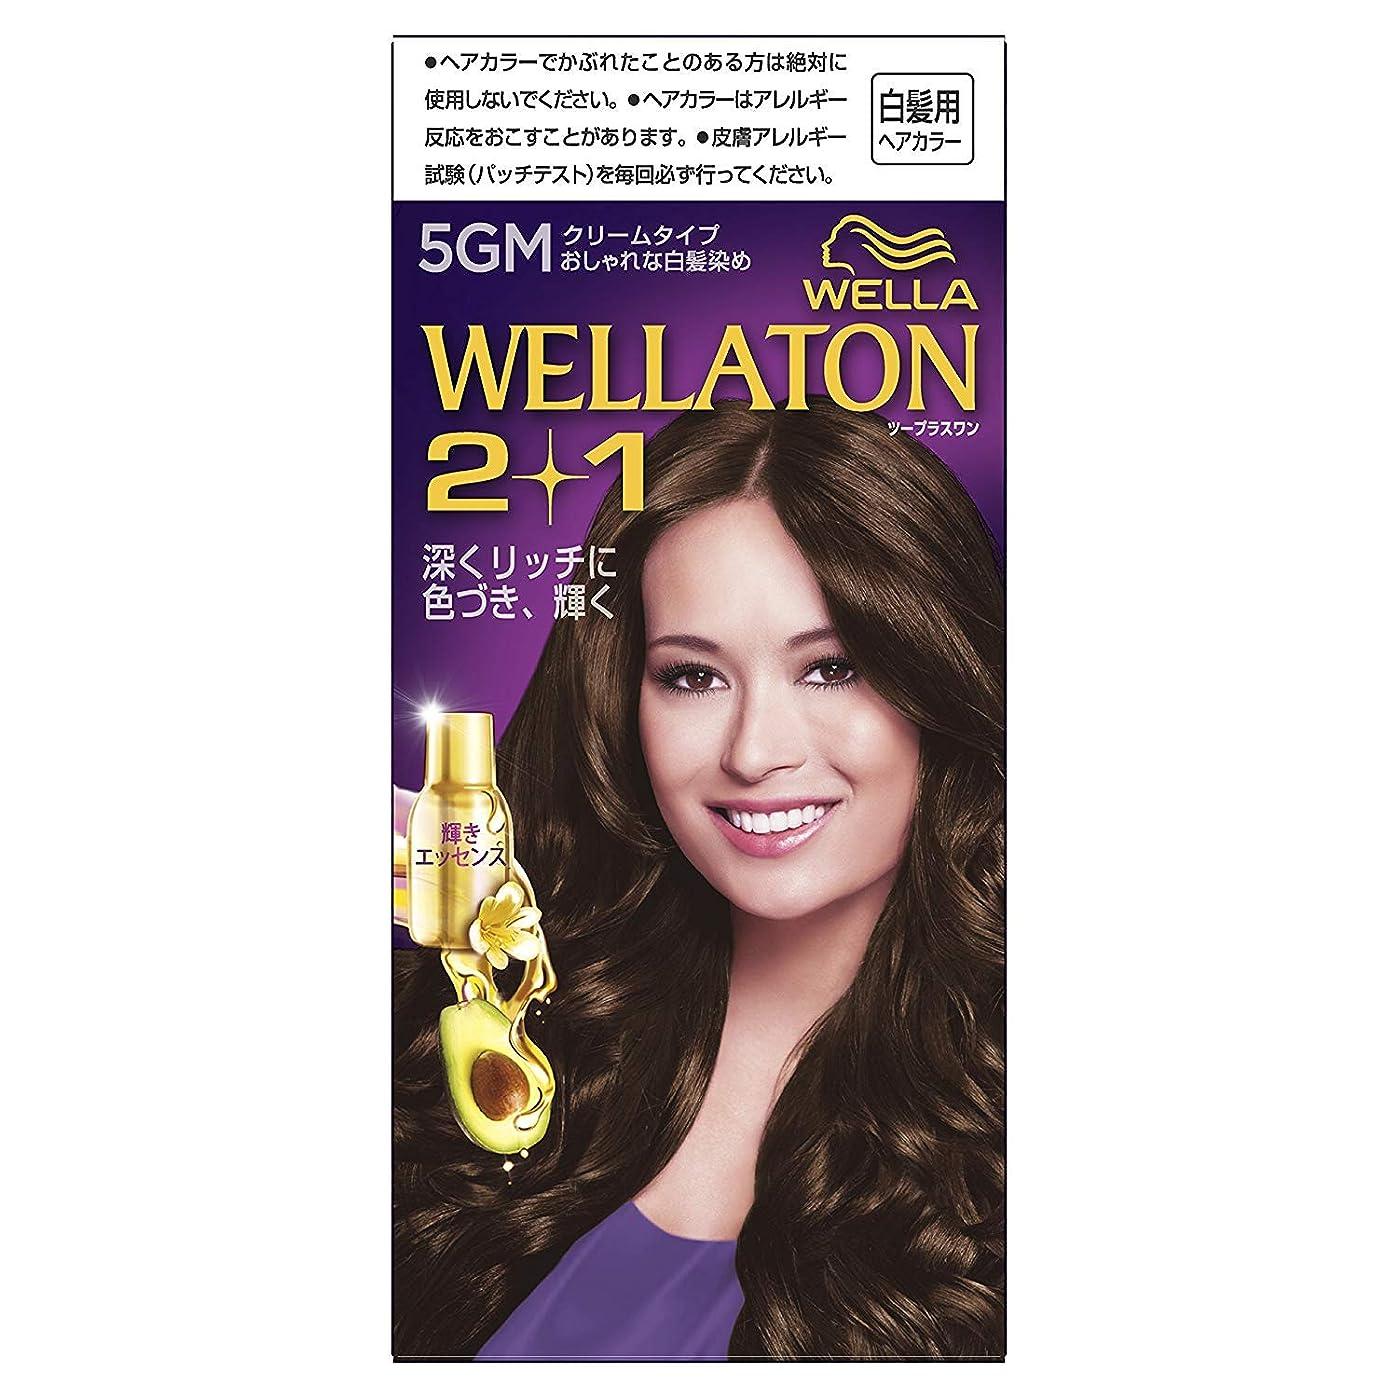 谷息苦しい退屈ウエラトーン2+1 クリームタイプ 5GM [医薬部外品]×3個